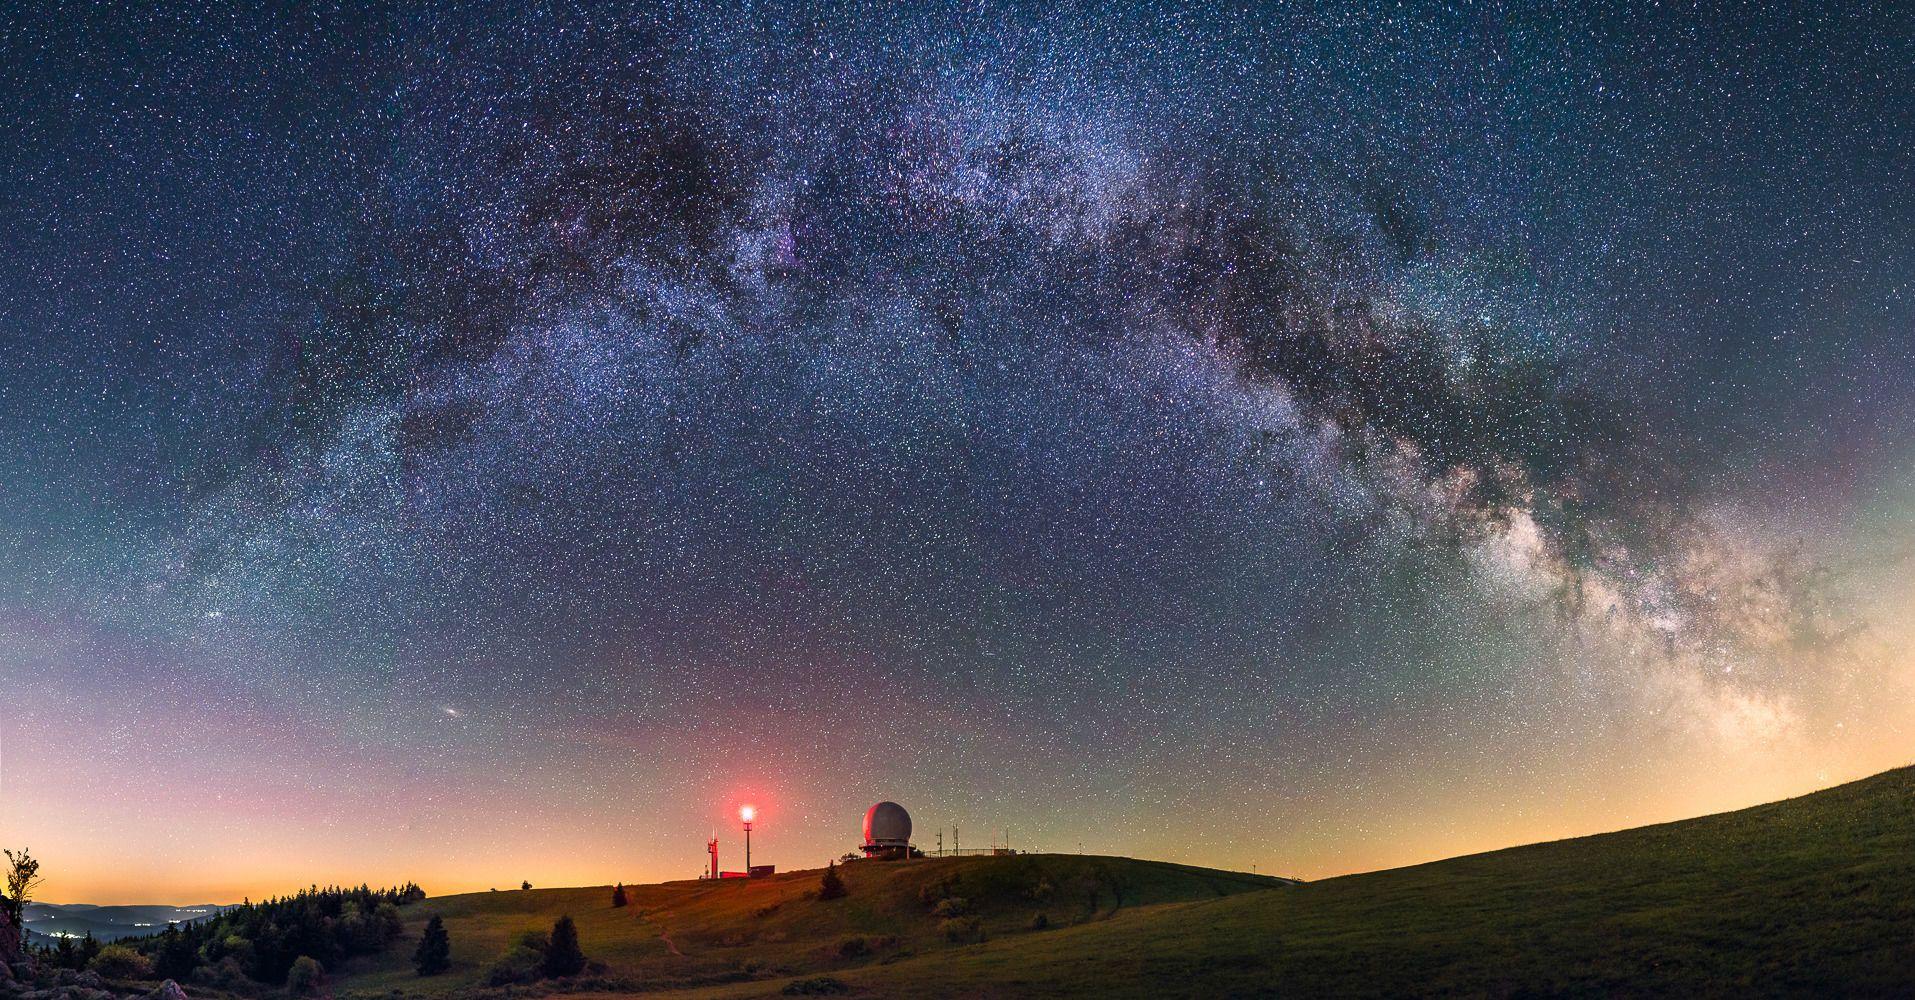 Зоряне небо, обсерваторія